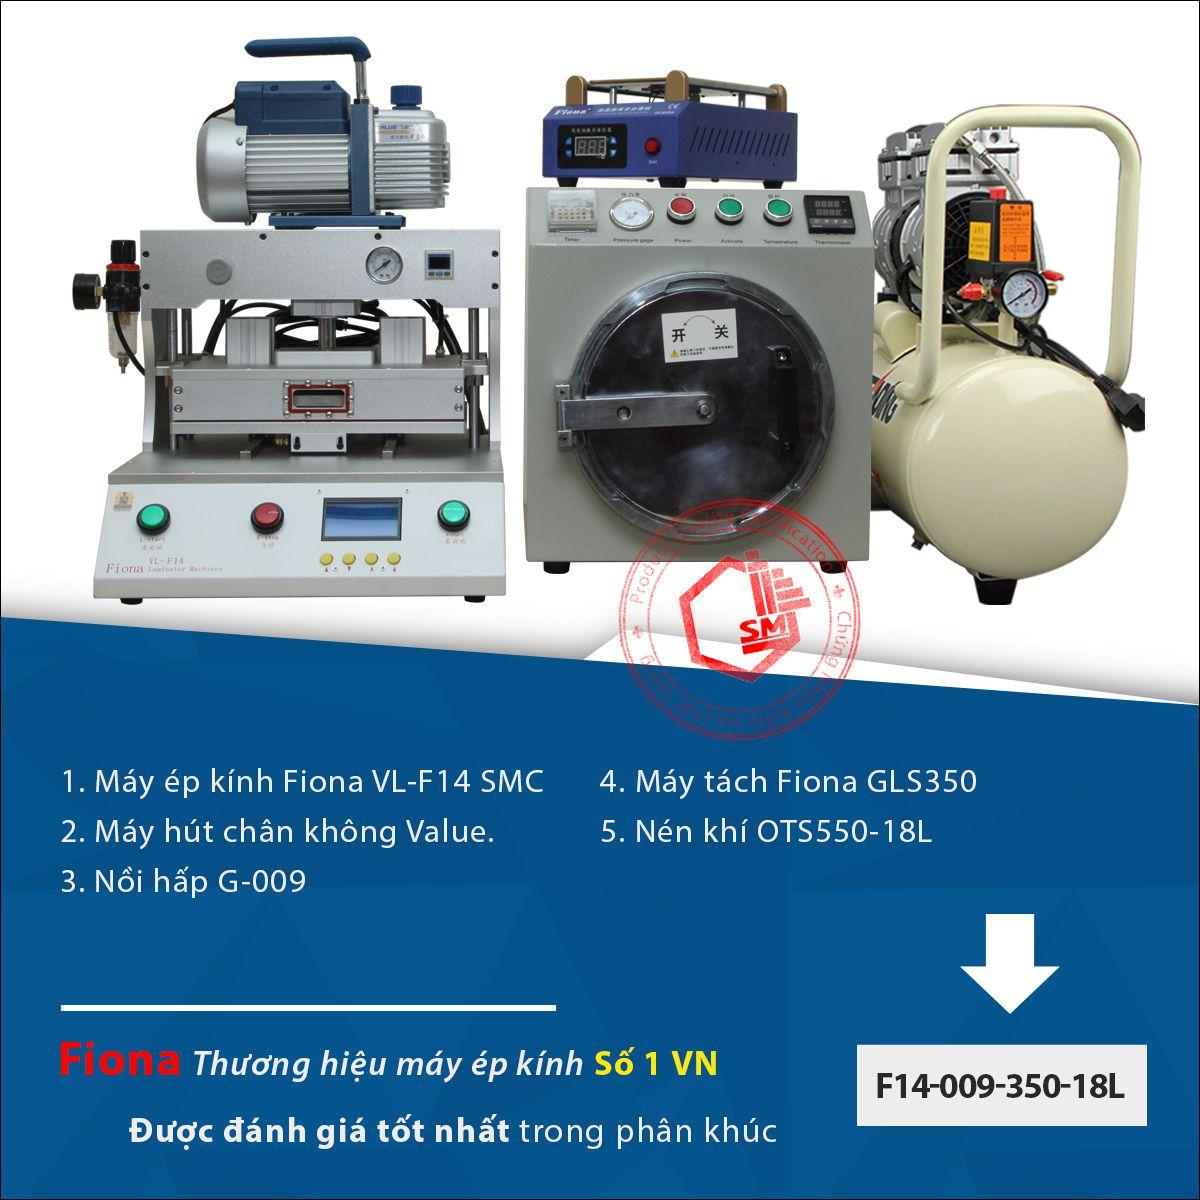 Bộ máy ép kính kết hợp giữa máy ép kính fiona VL-F14 và các loại máy khác nhằm tối ưu hóa chi phí